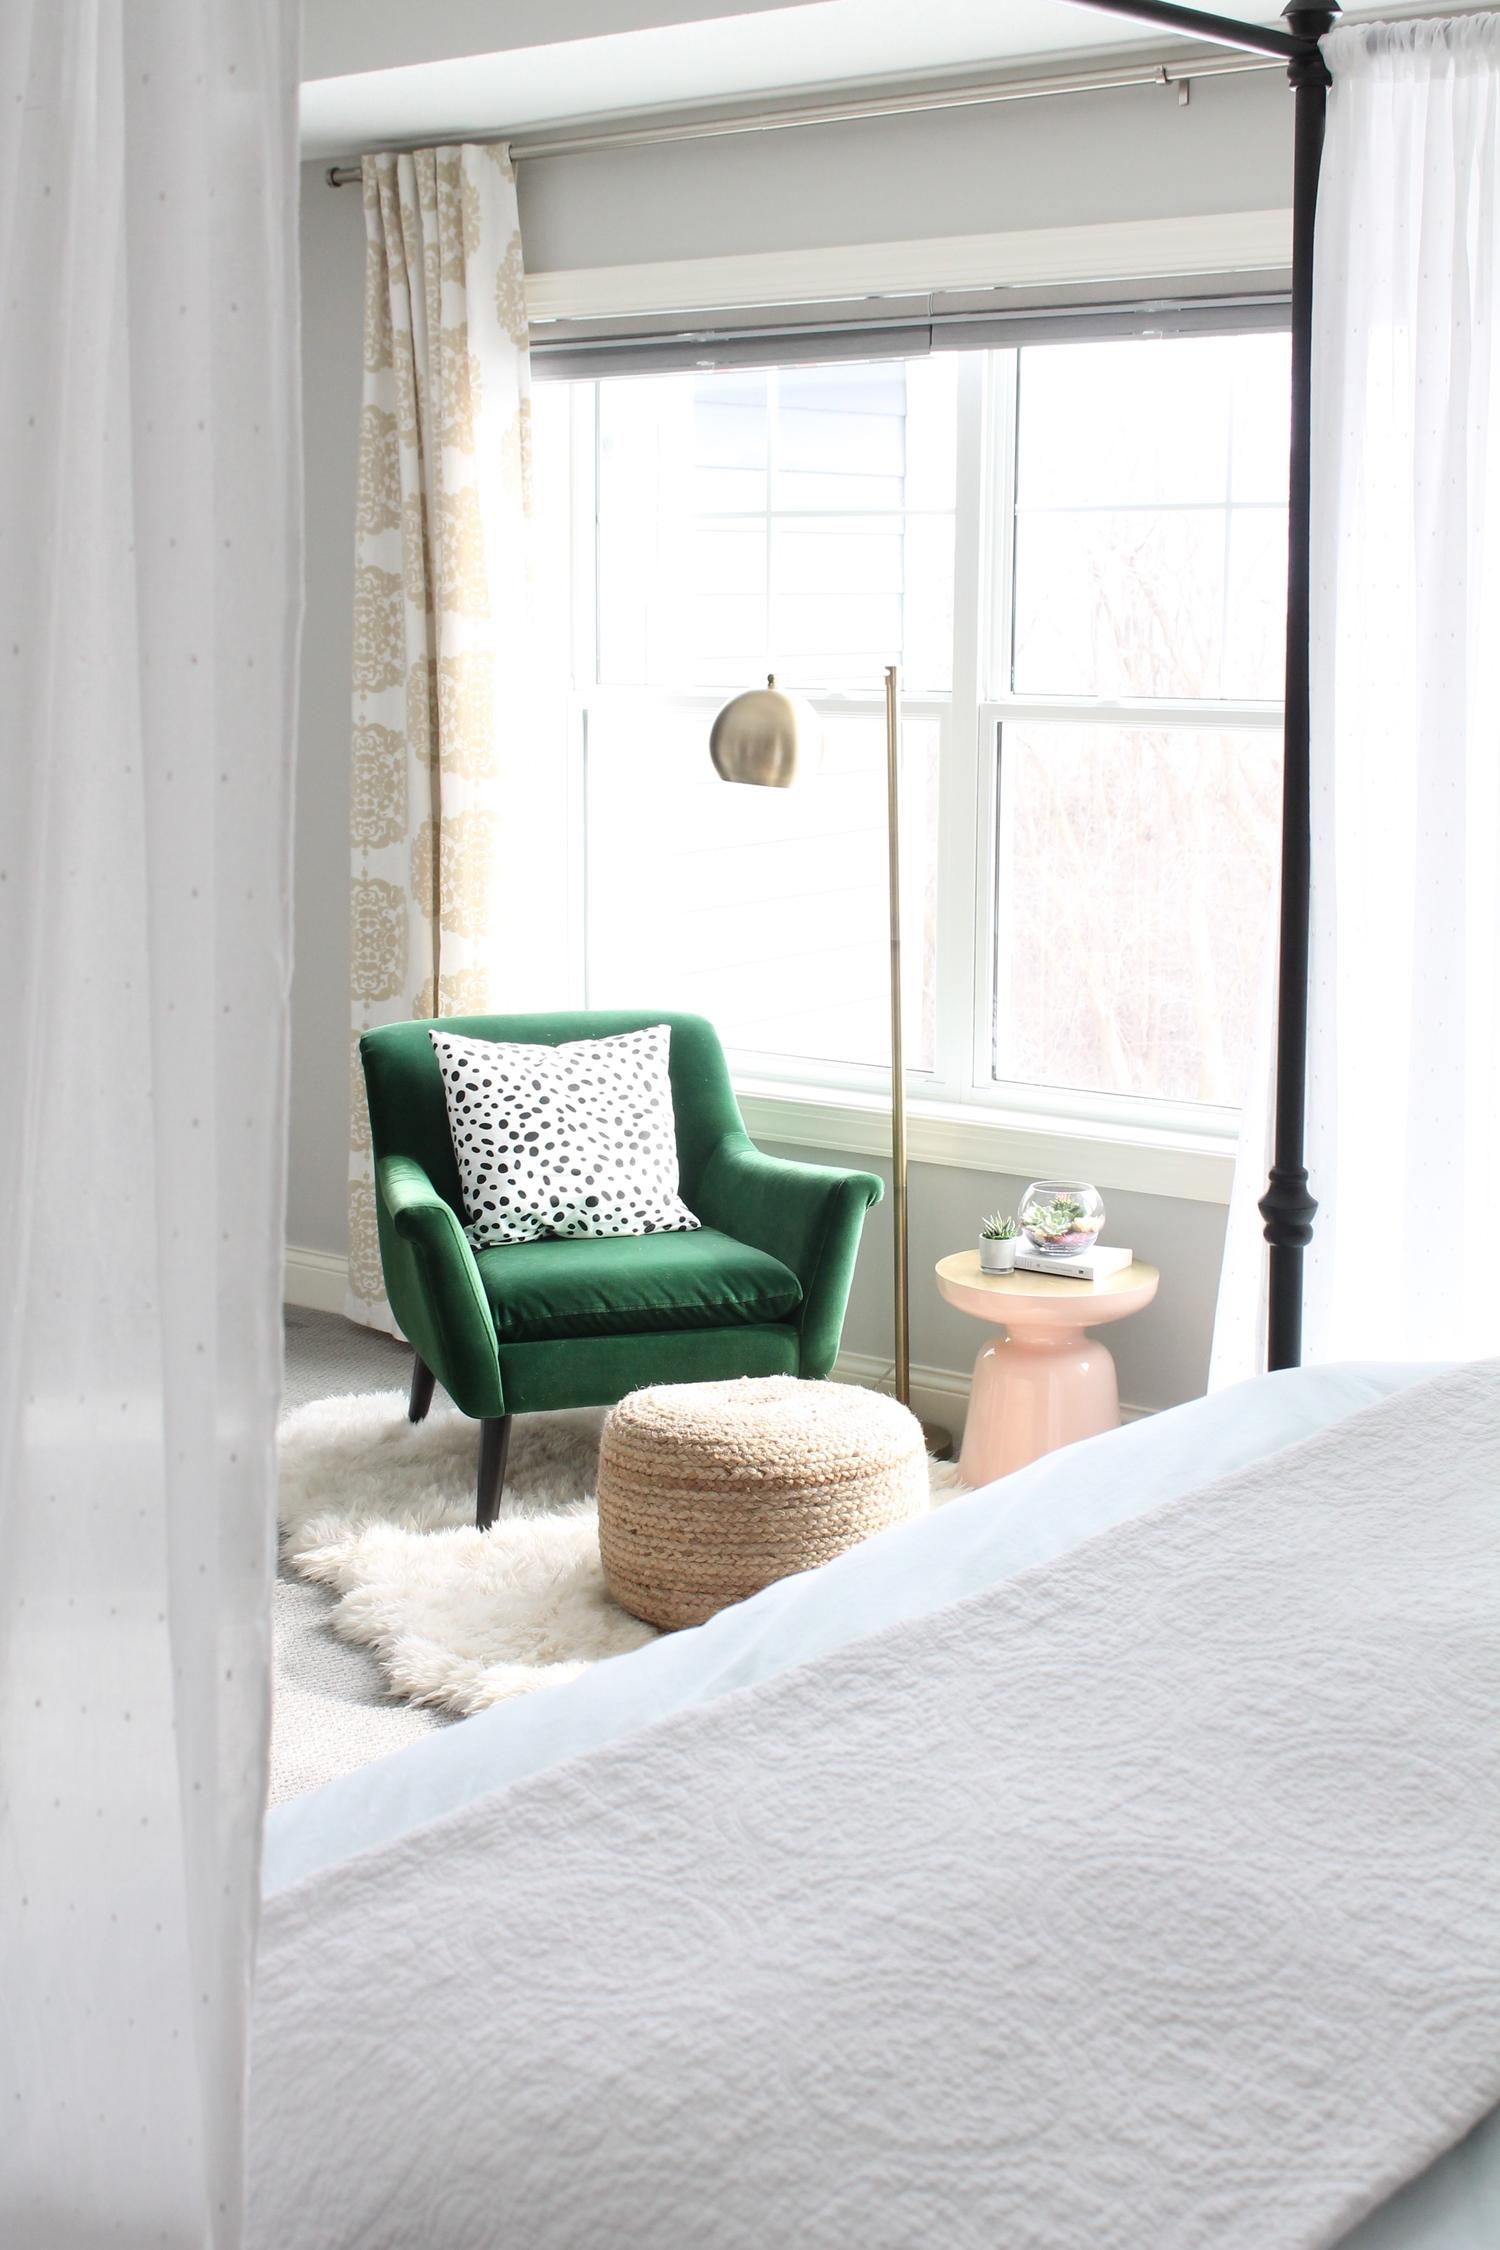 groene velvet fauteuil